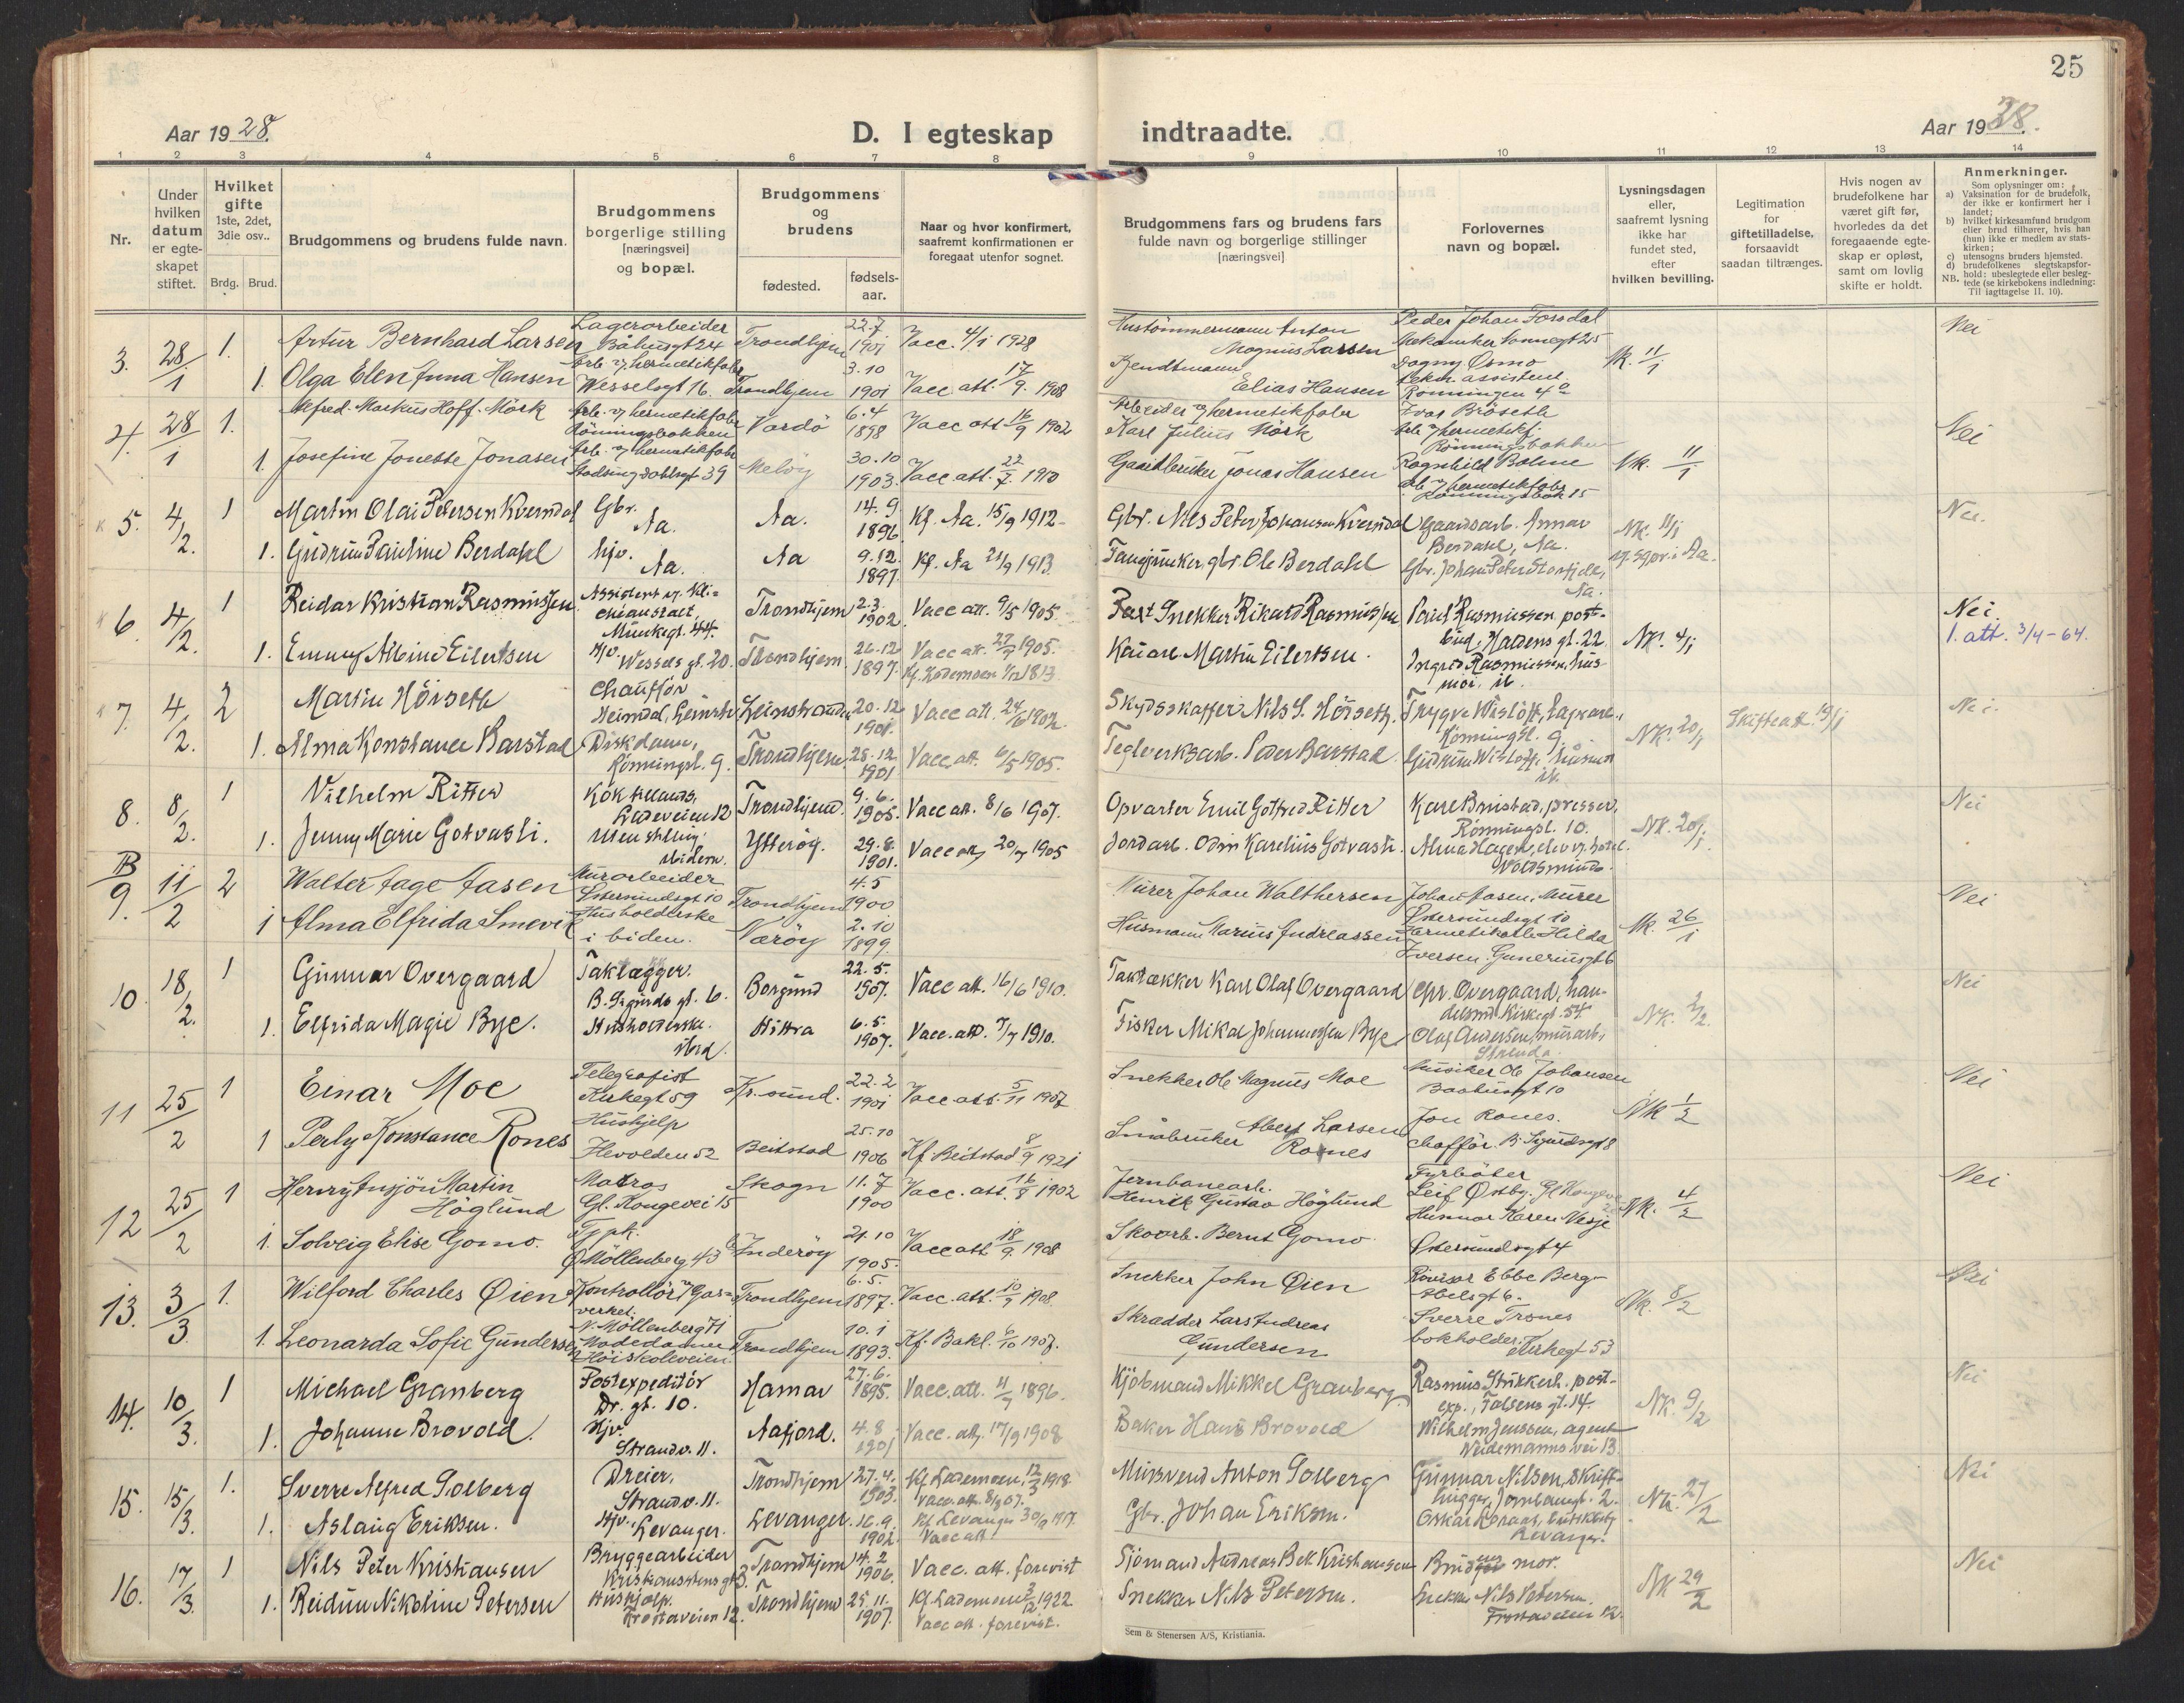 SAT, Ministerialprotokoller, klokkerbøker og fødselsregistre - Sør-Trøndelag, 605/L0249: Ministerialbok nr. 605A11, 1925-1936, s. 25